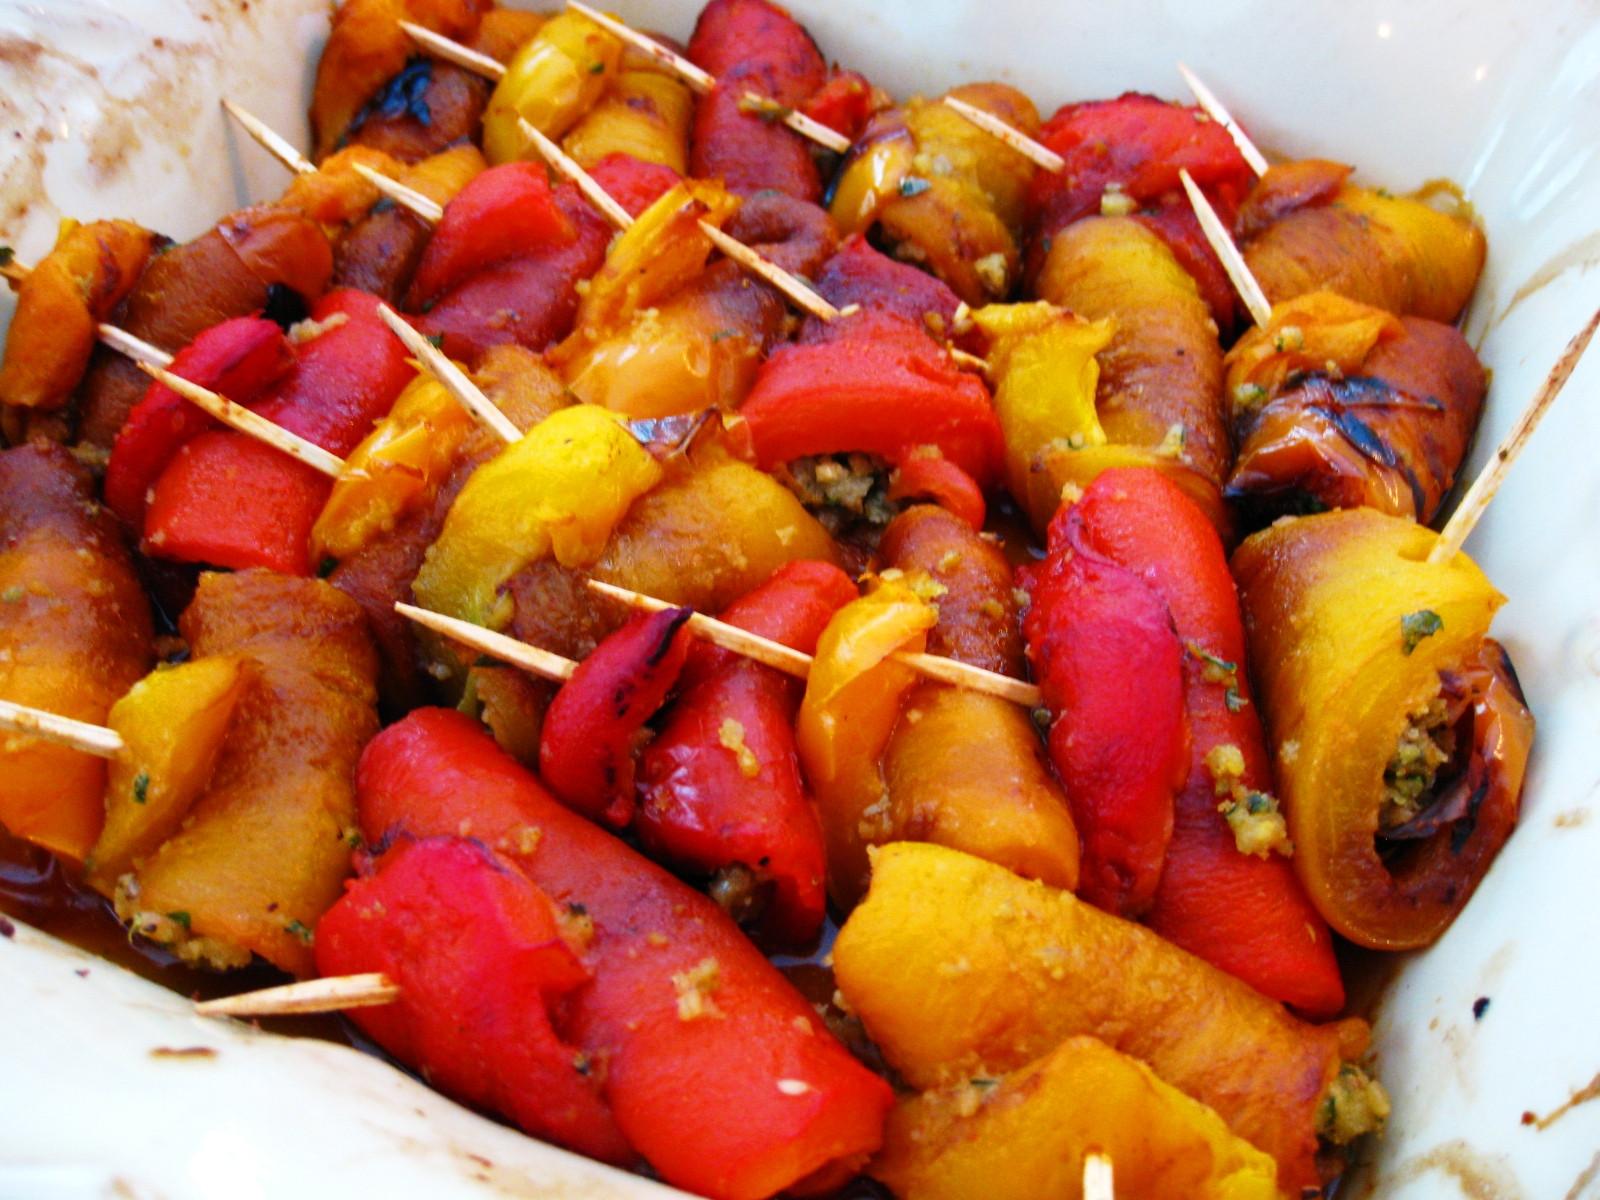 Fall Italian Recipes  Cara s Cravings 3 Rustic Italian Appetizers to Fall in